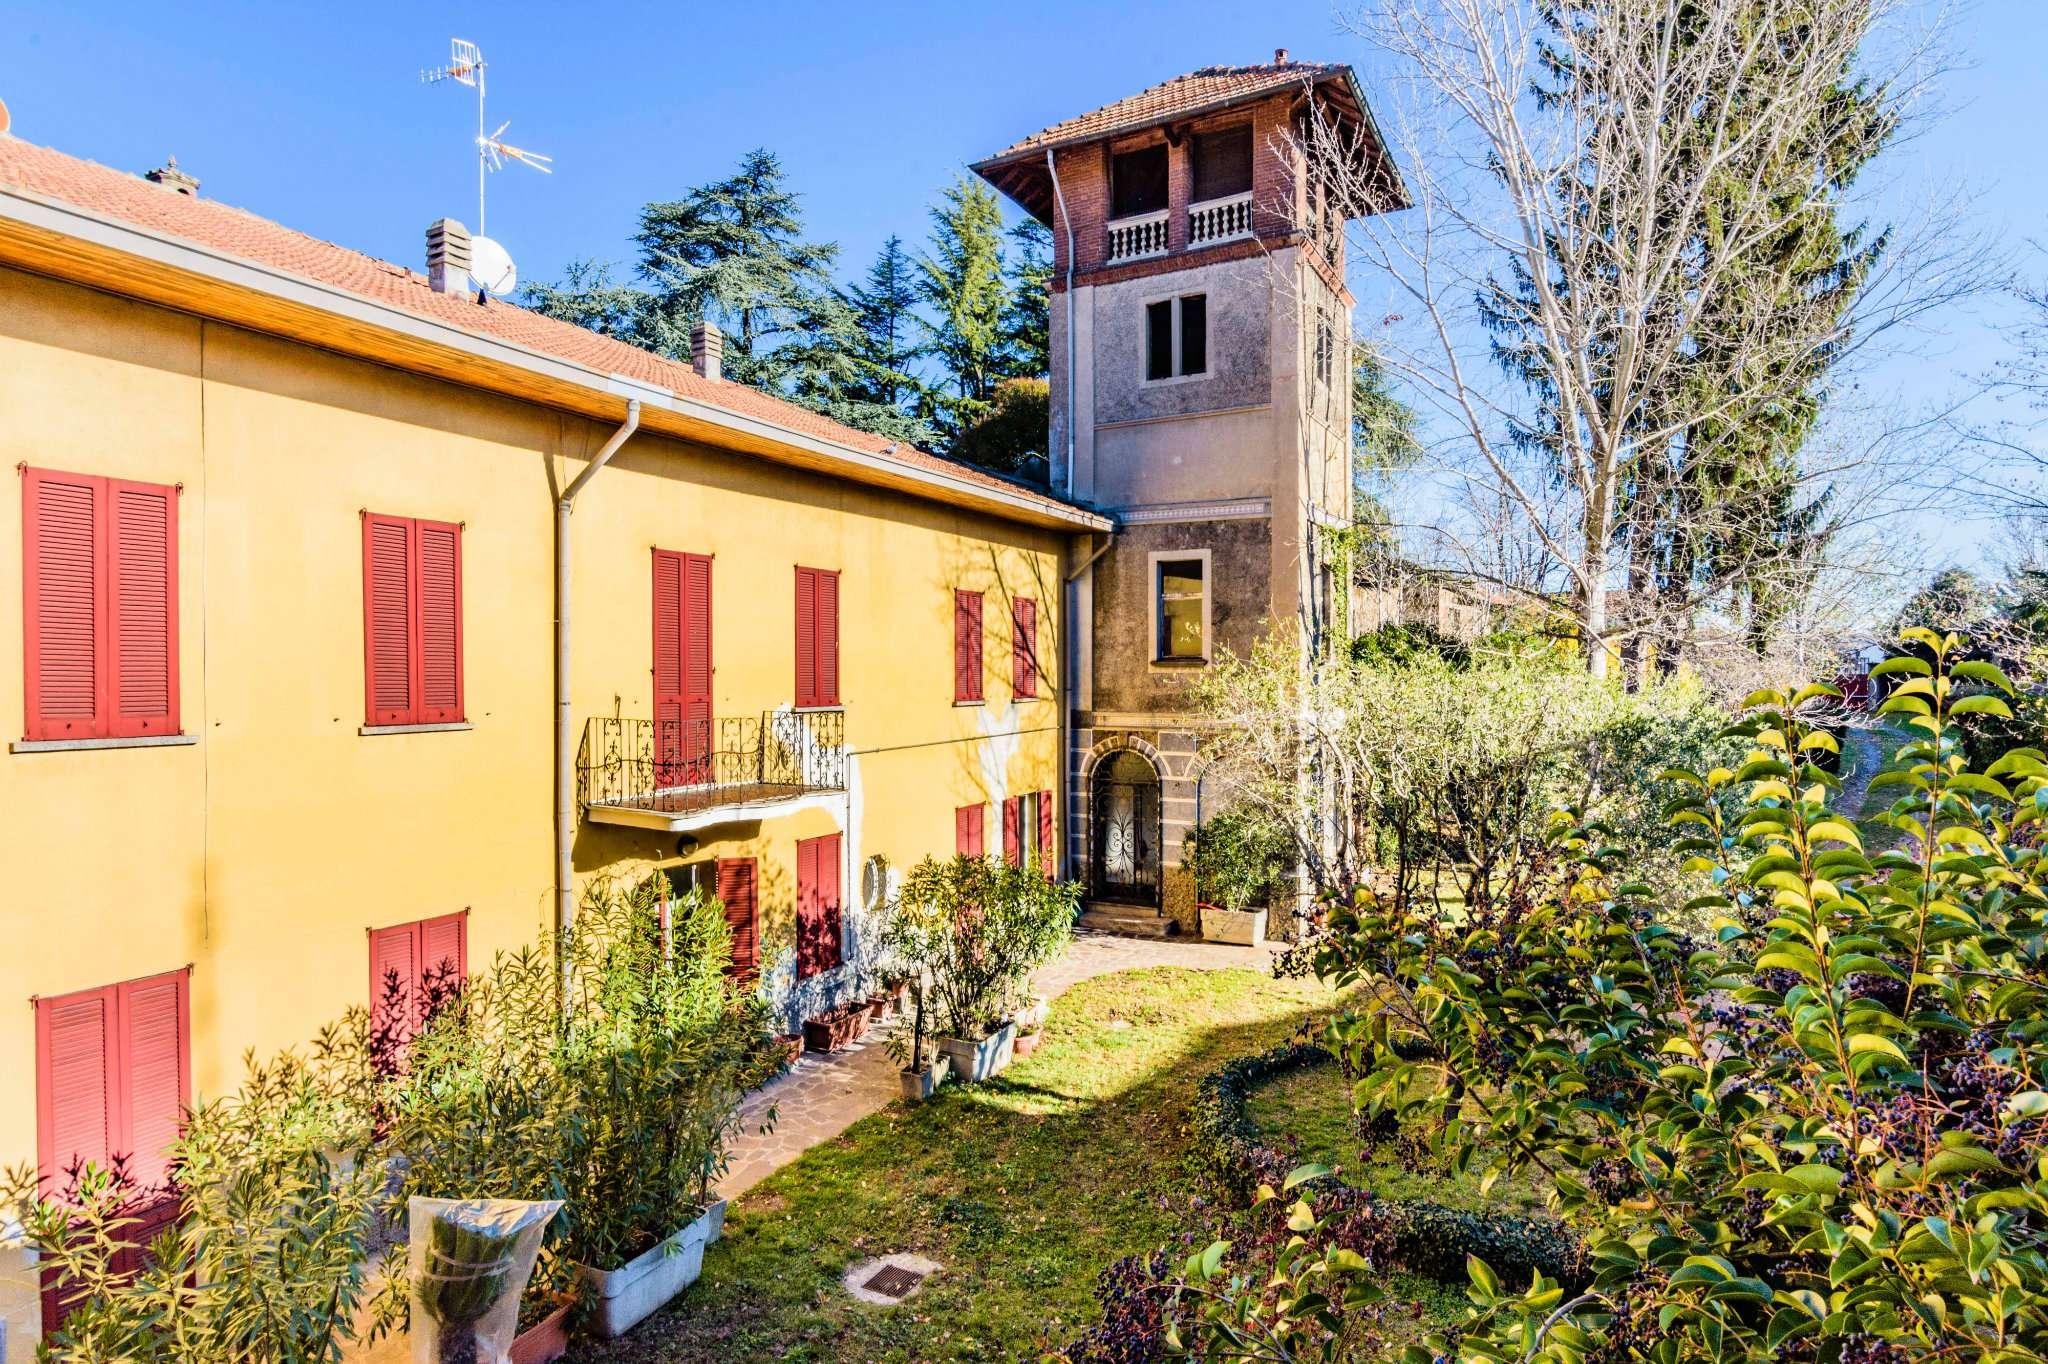 Rustico / Casale in vendita a Gorla Minore, 13 locali, Trattative riservate | CambioCasa.it